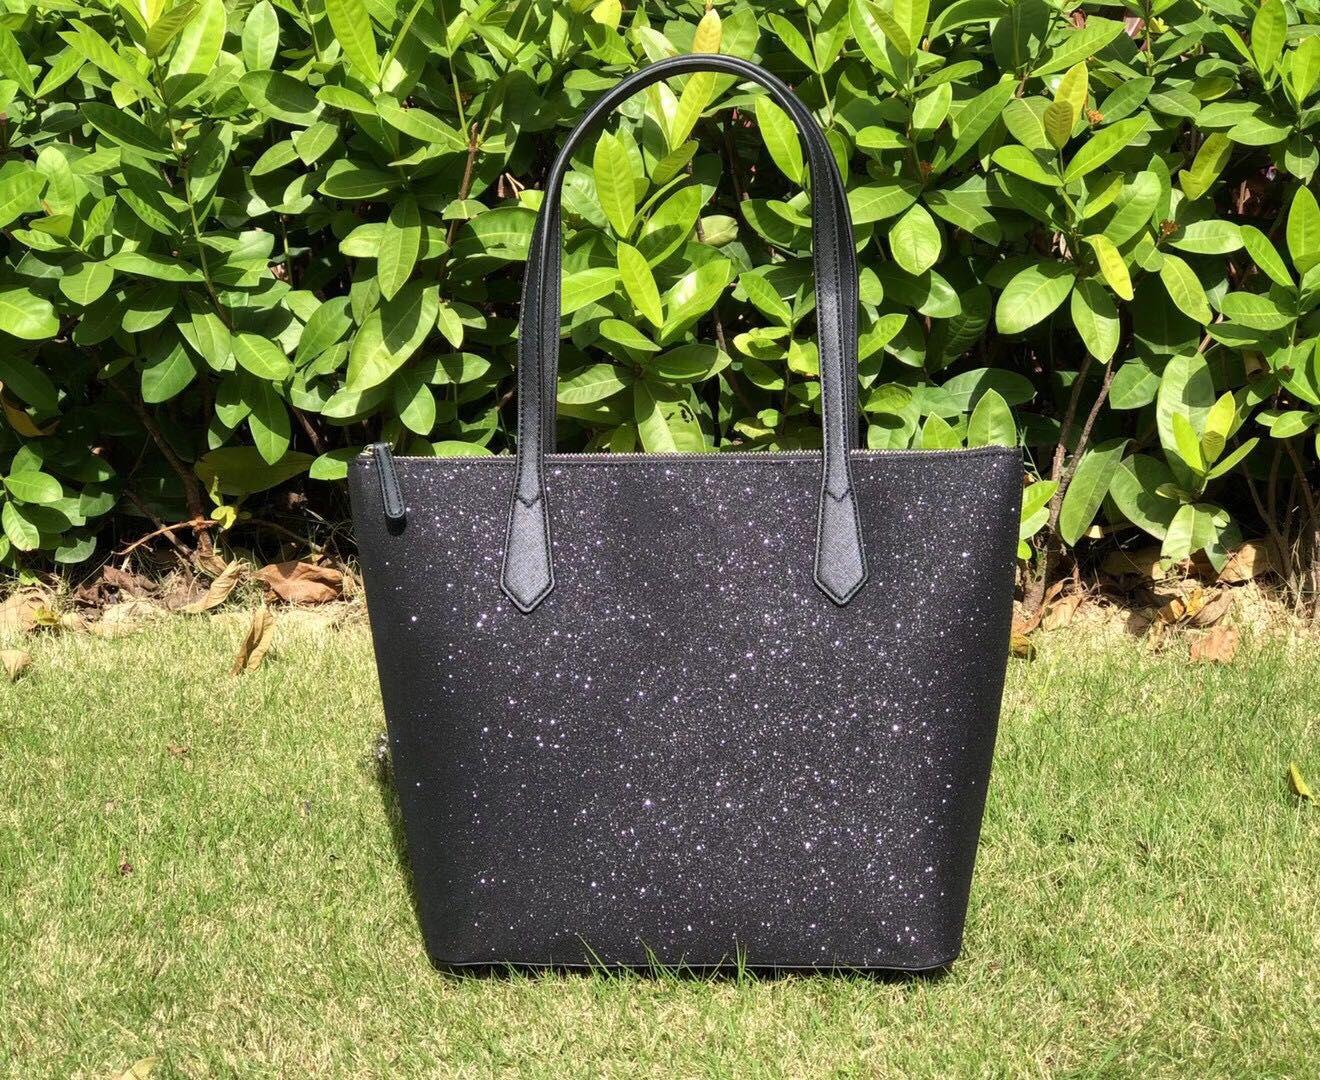 5 Farbe Marke Designer-Taschen große Shimmer Glitter Purse Luxus Umhängetasche Umhängetaschen Frauen Handtaschen-PU Totes Beutel Säckchen à main Designer